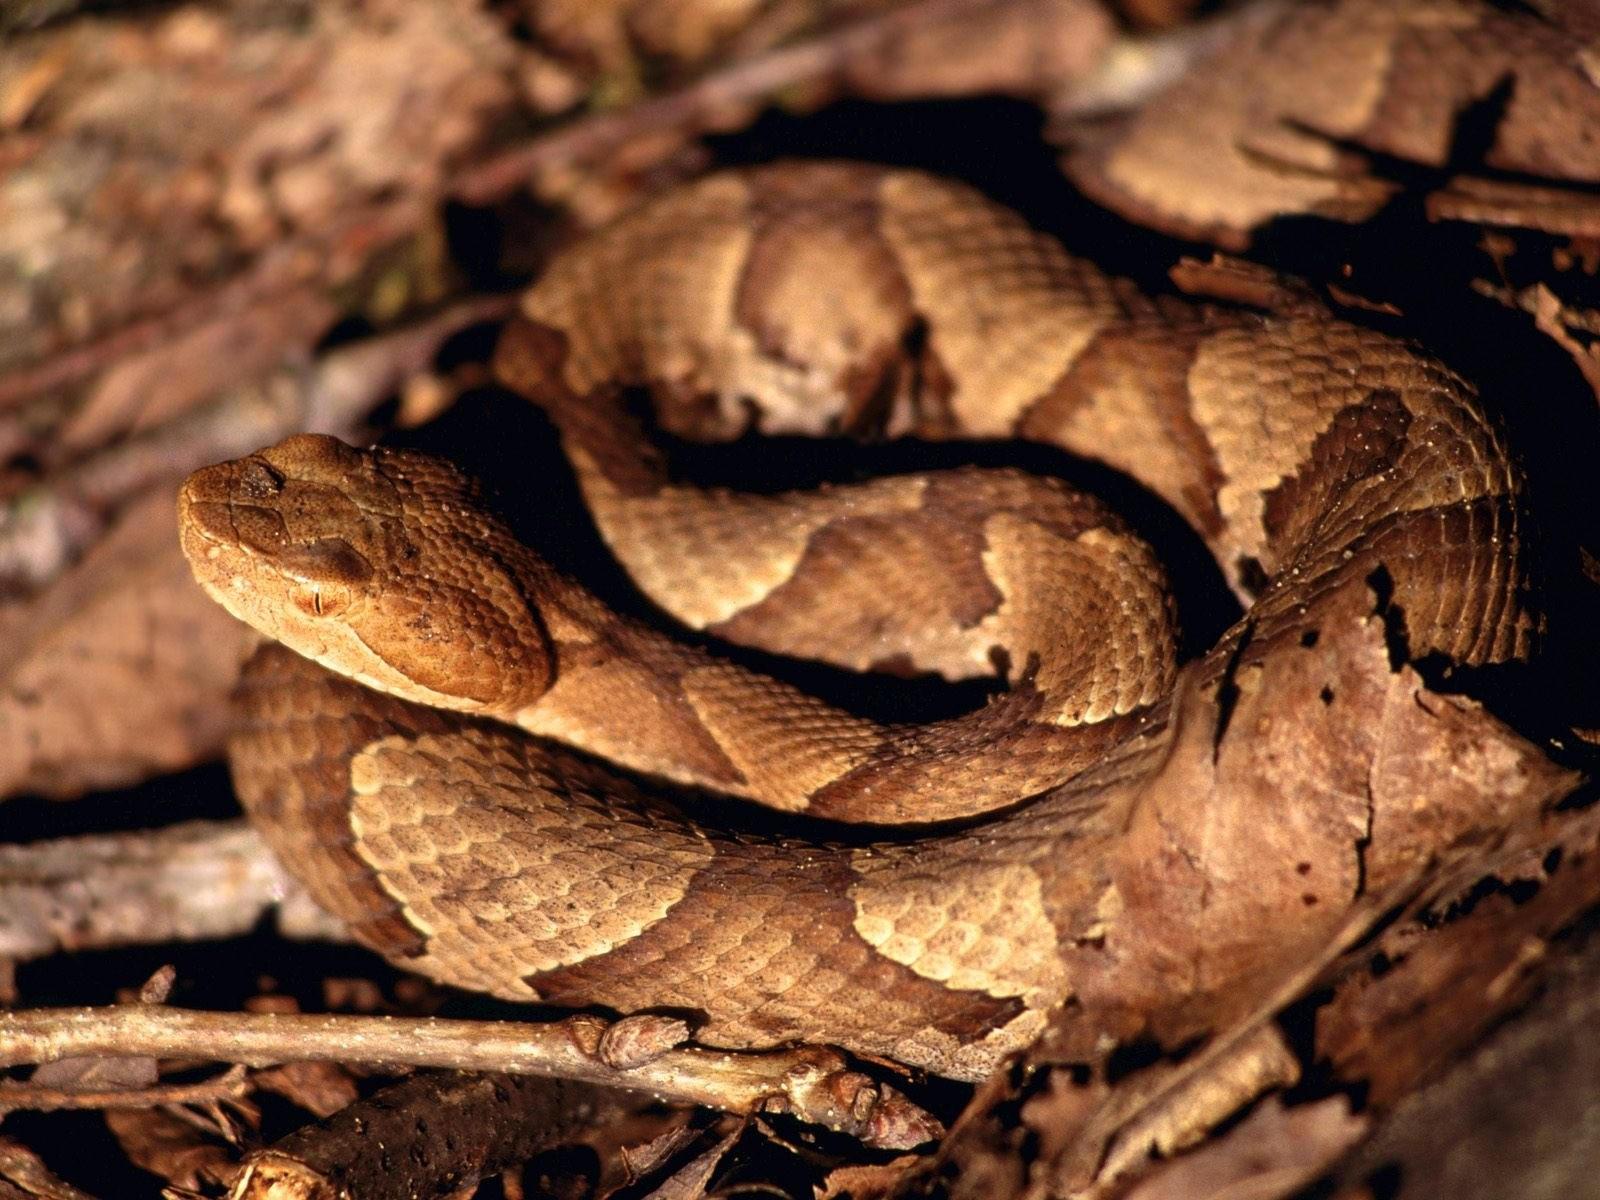 Змея в ветках